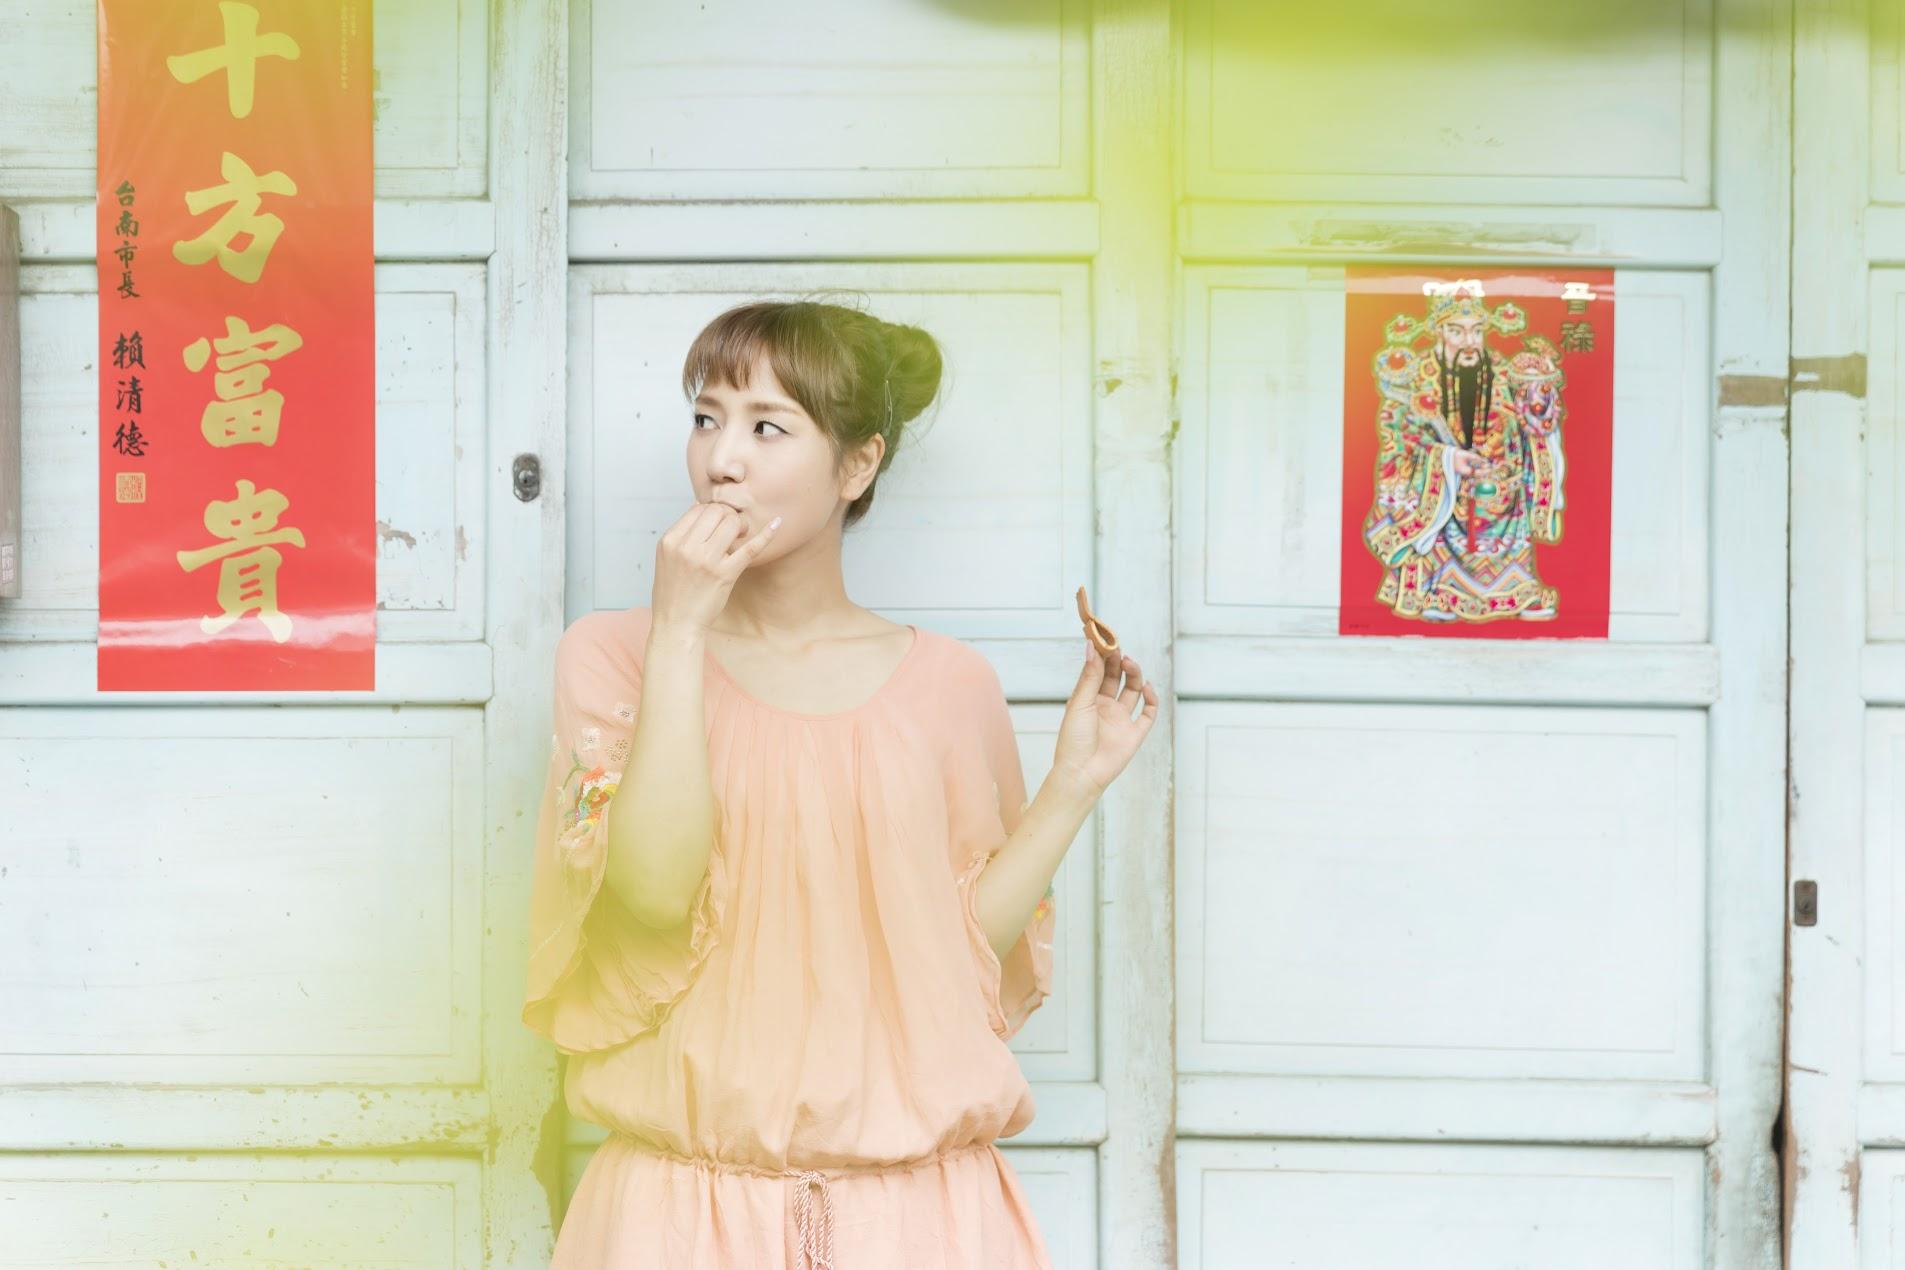 扛大同電鍋回日本 想在台灣住一個月 超愛台灣的聲優兼作家池澤春菜專訪